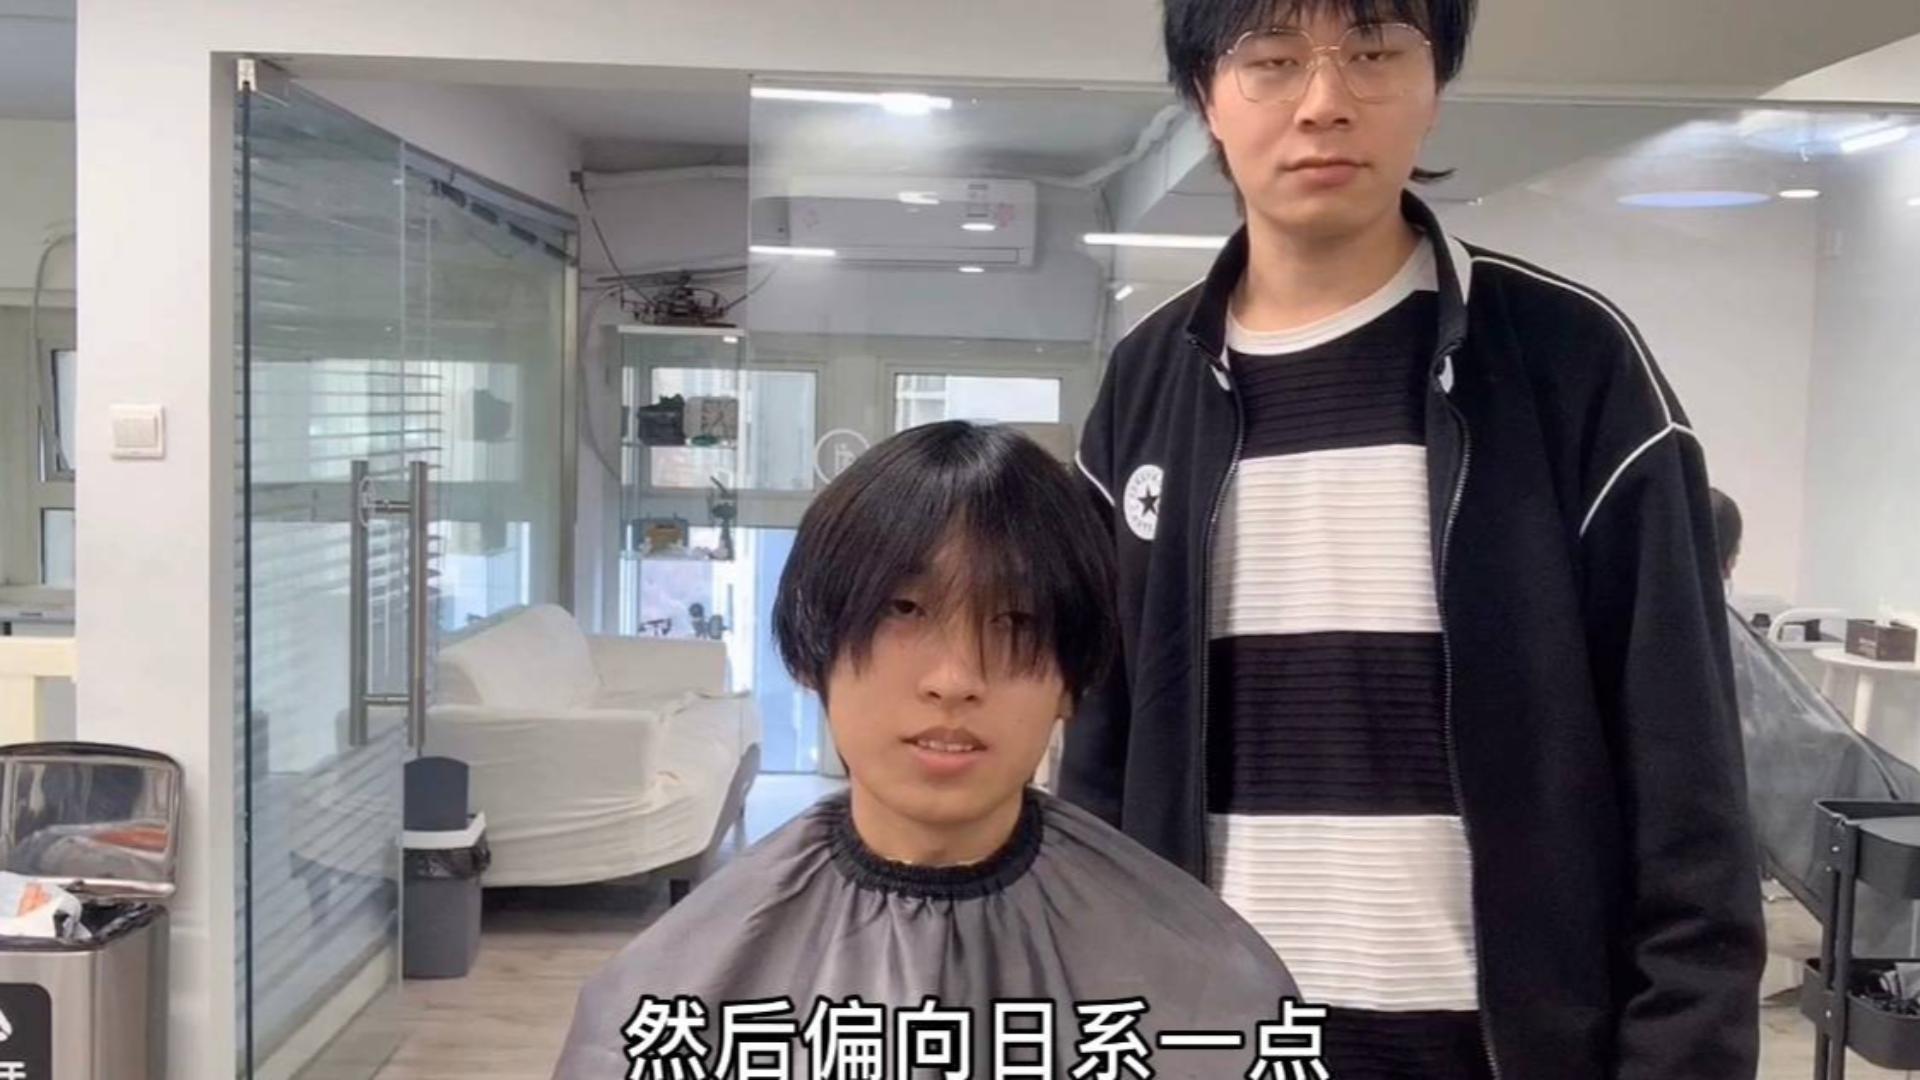 男生头发又直又贴,发型师帮他设计了一款日系潮男发型,太帅气了